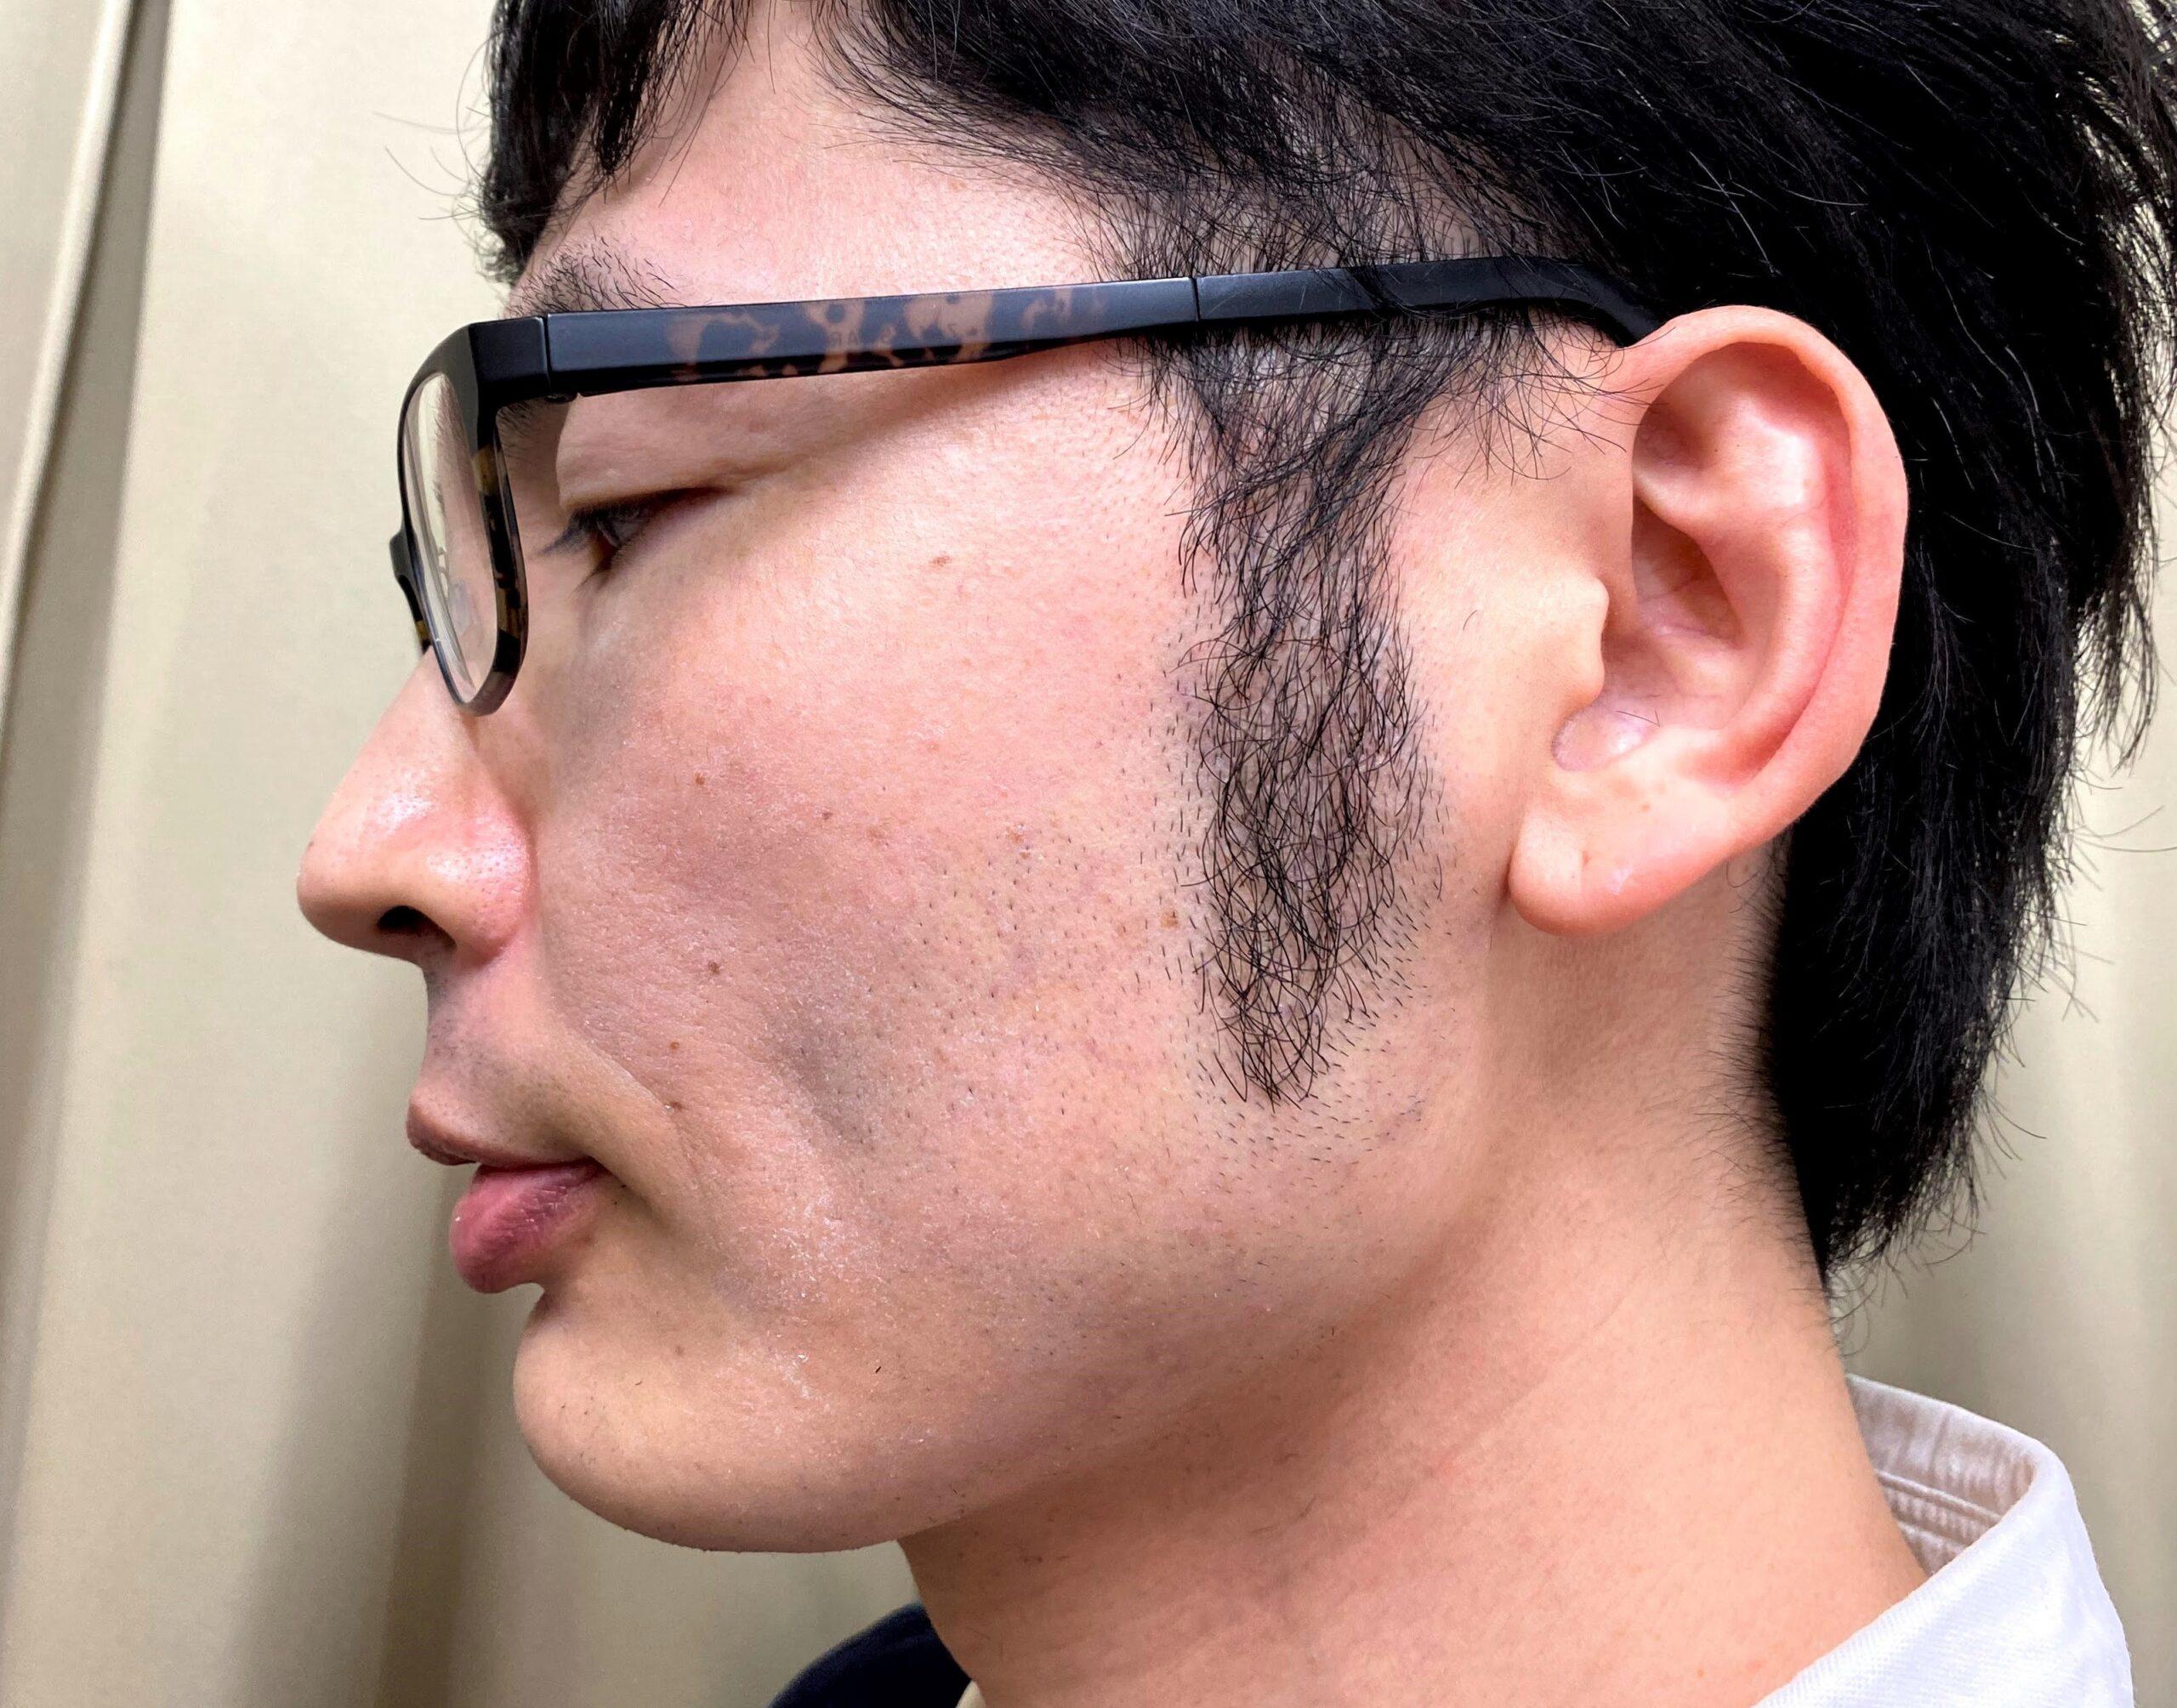 湘南美容クリニックで頬ヒゲ脱毛の施術を受ける前